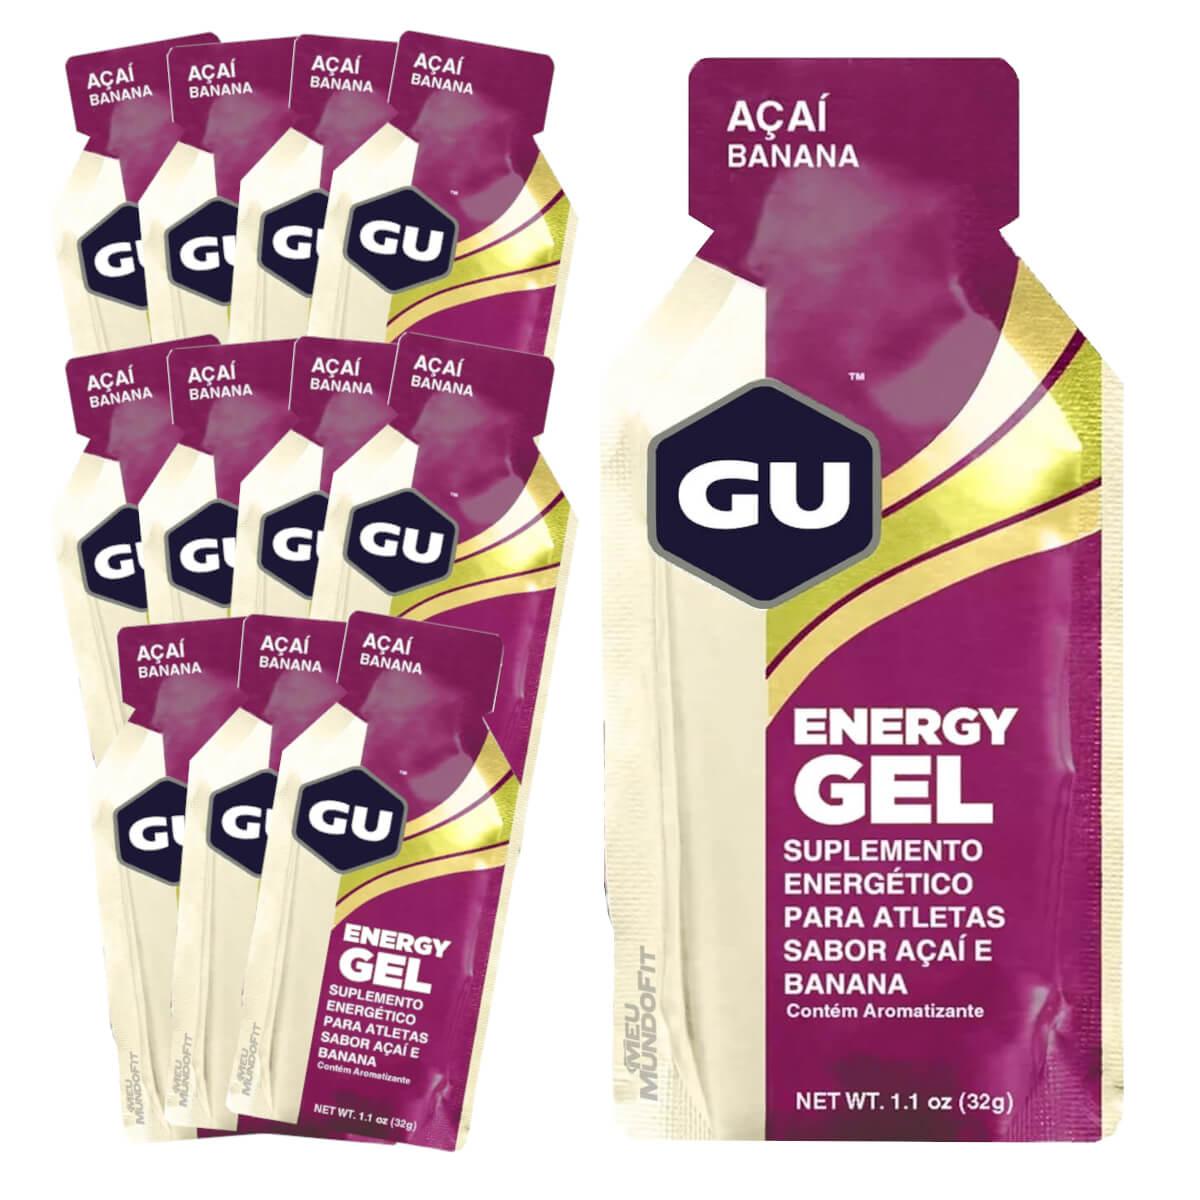 Caixa Gel Carboidrato Gu Energy Sabor Açai com Banana 12un